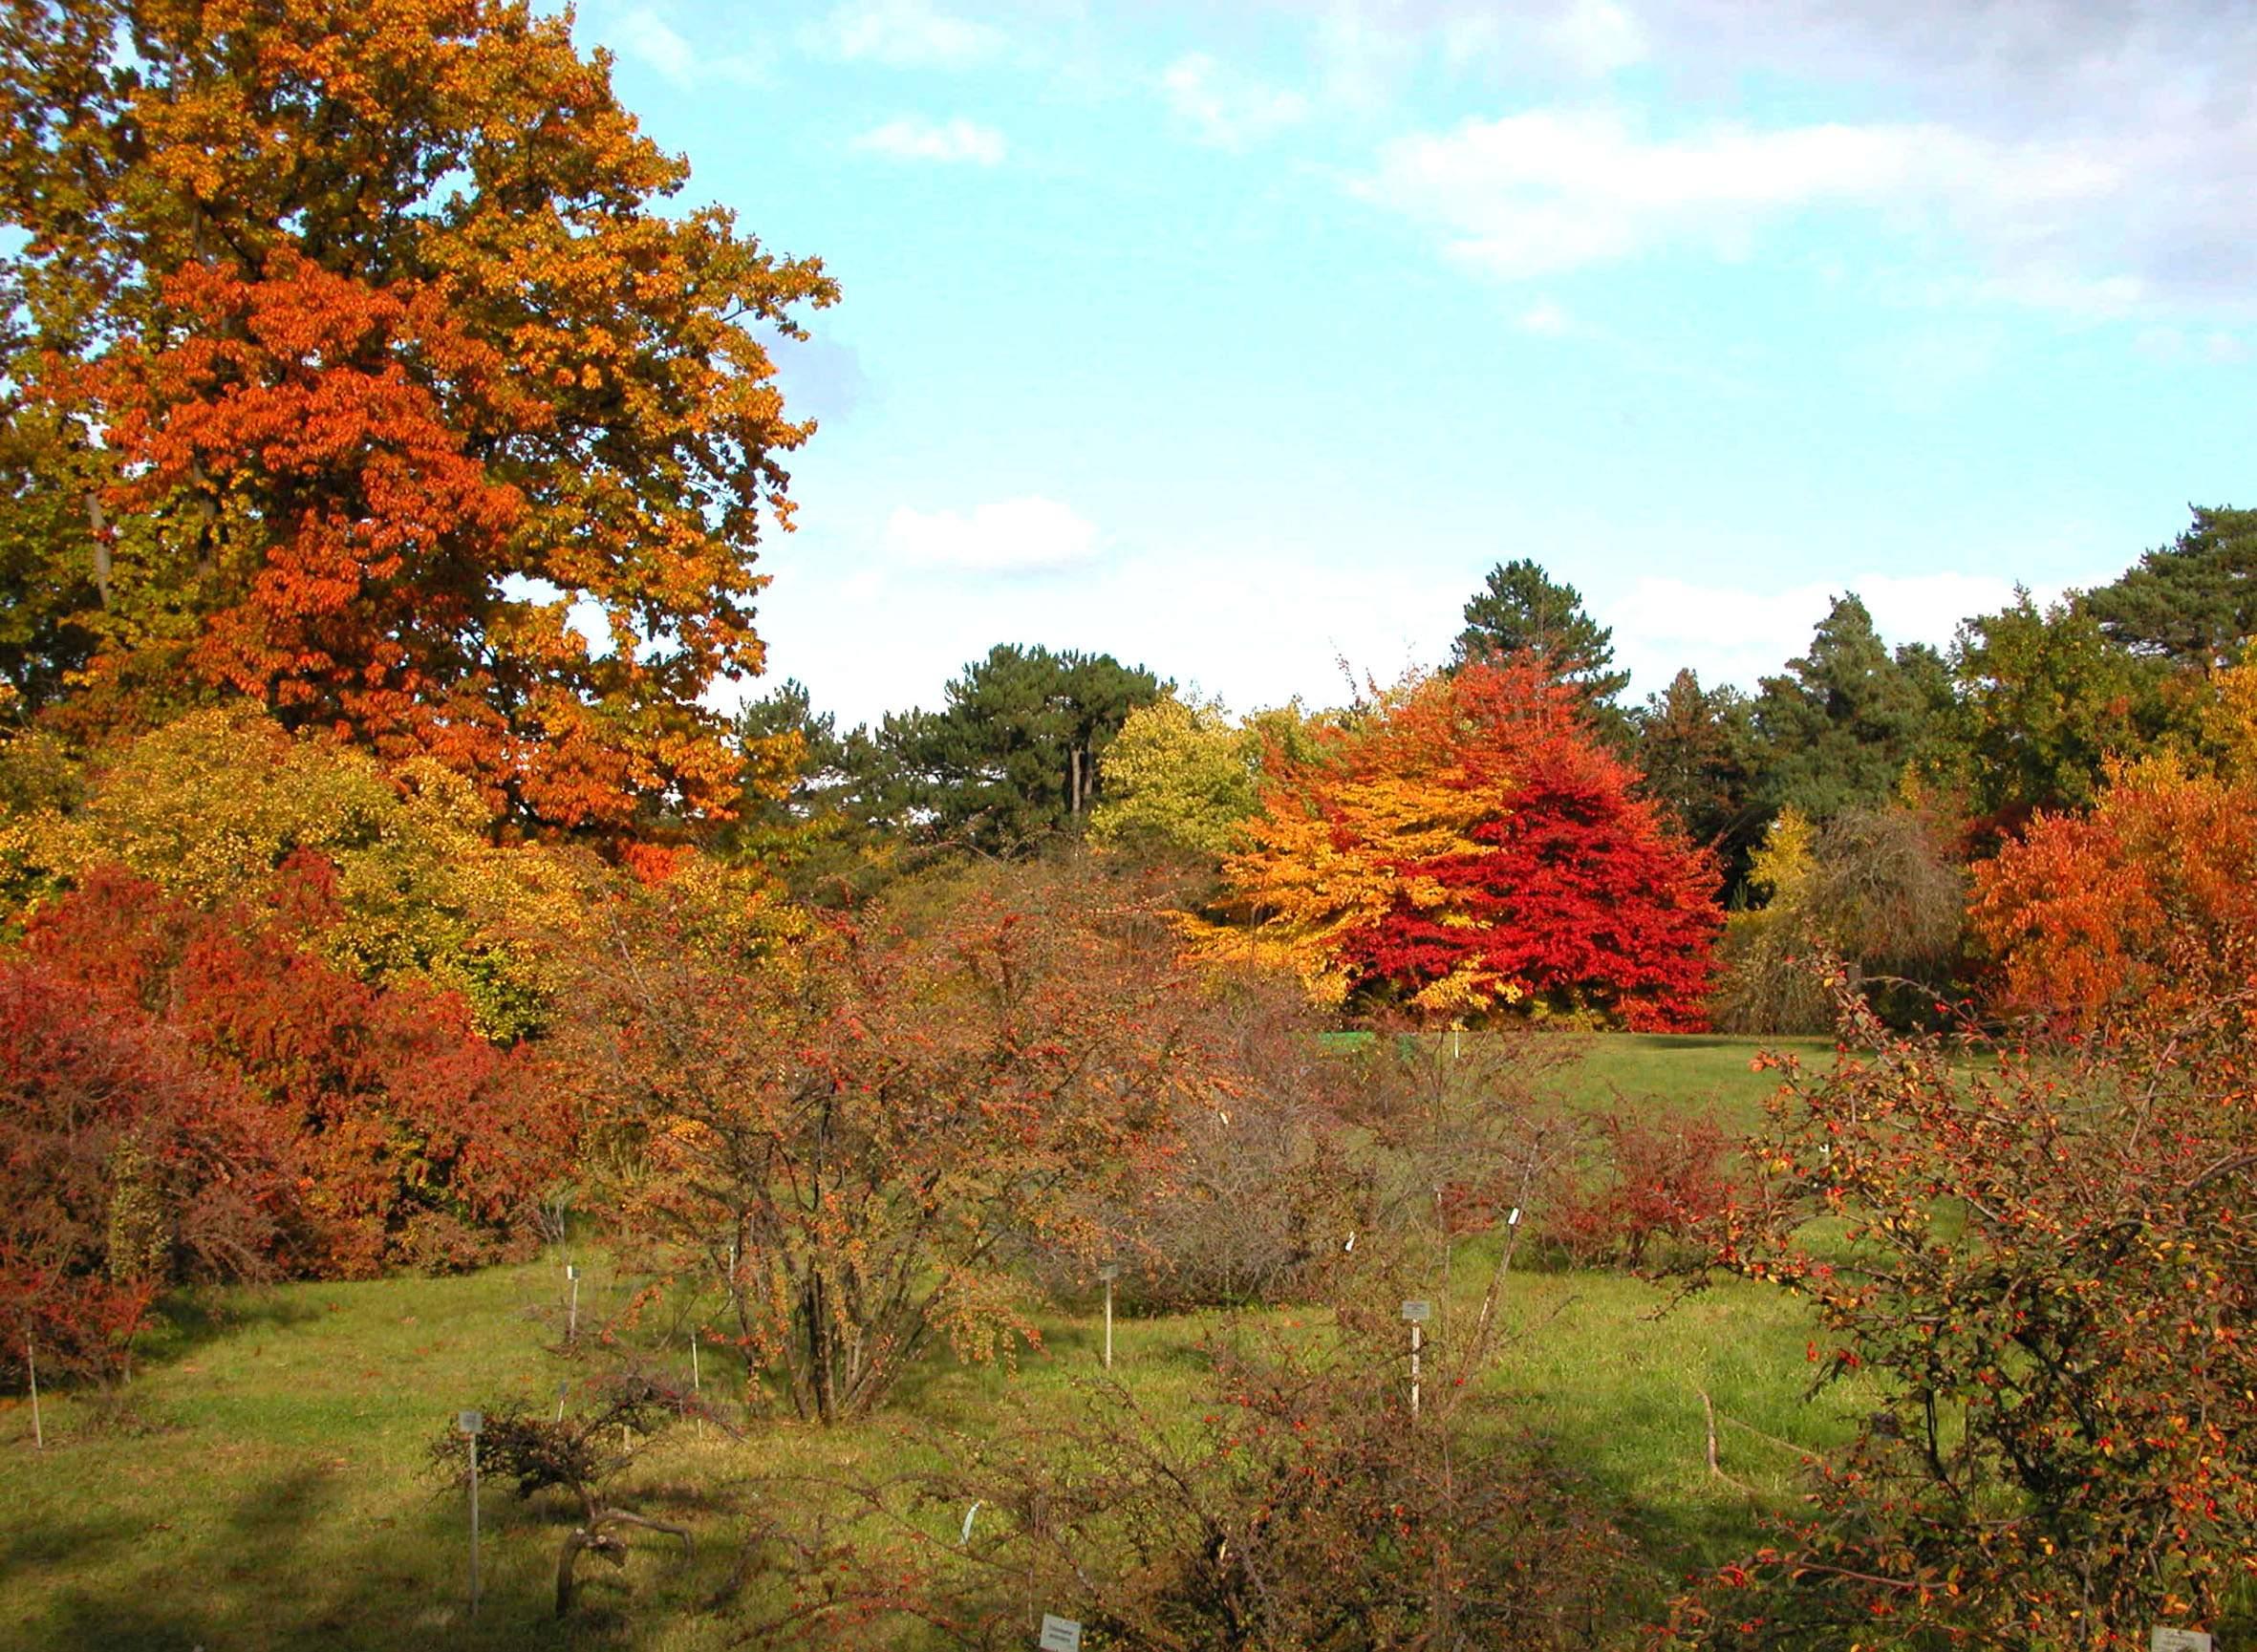 arboretum herbst